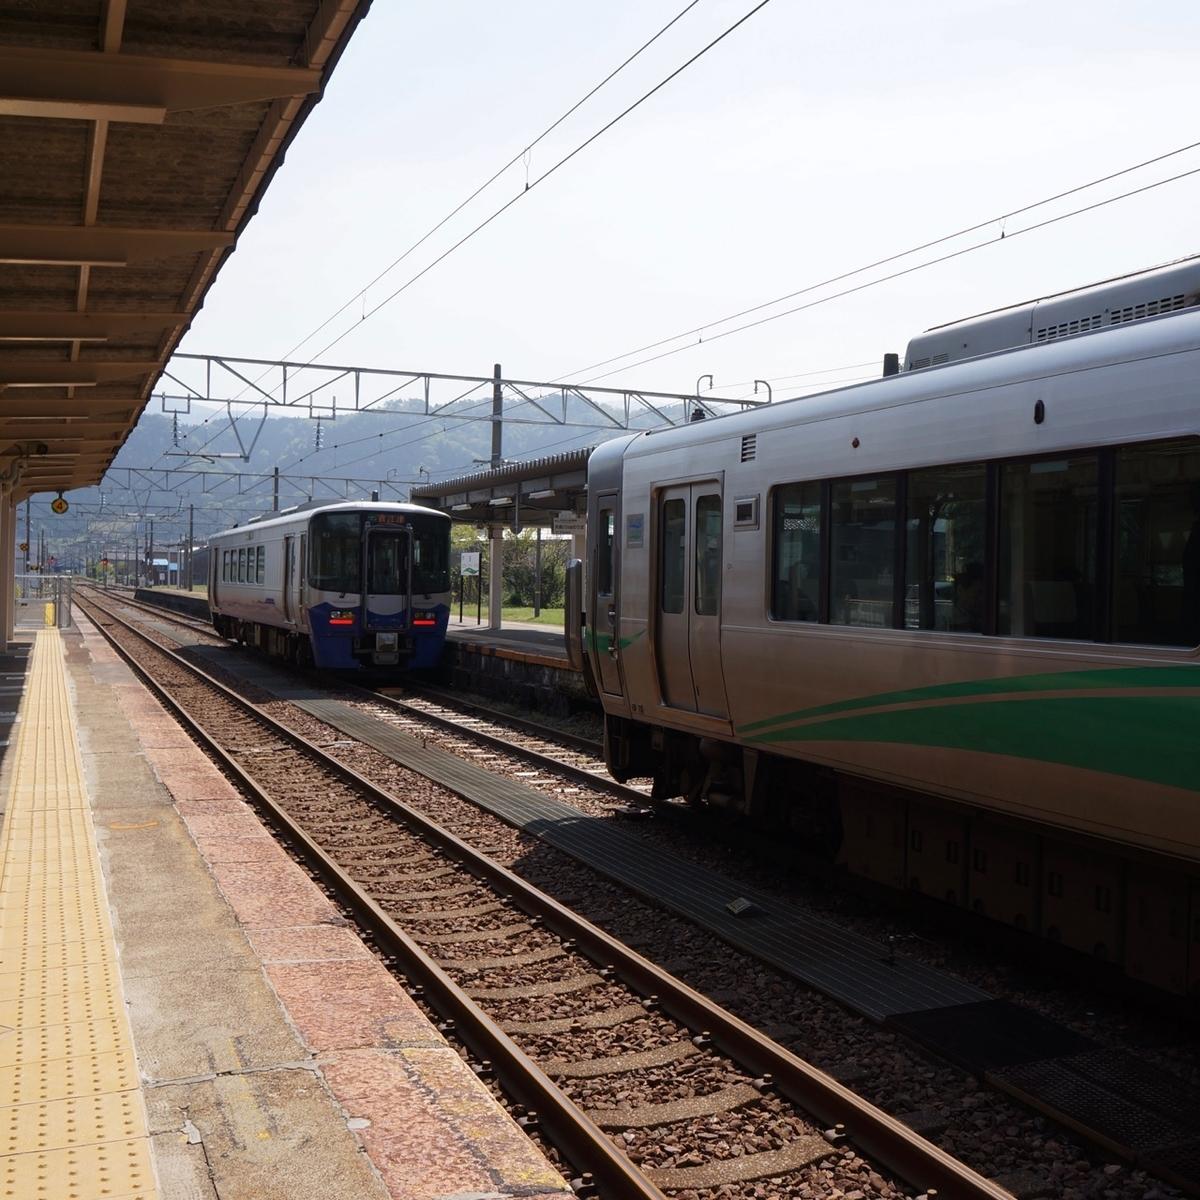 f:id:fukuitabi:20190505110544j:plain